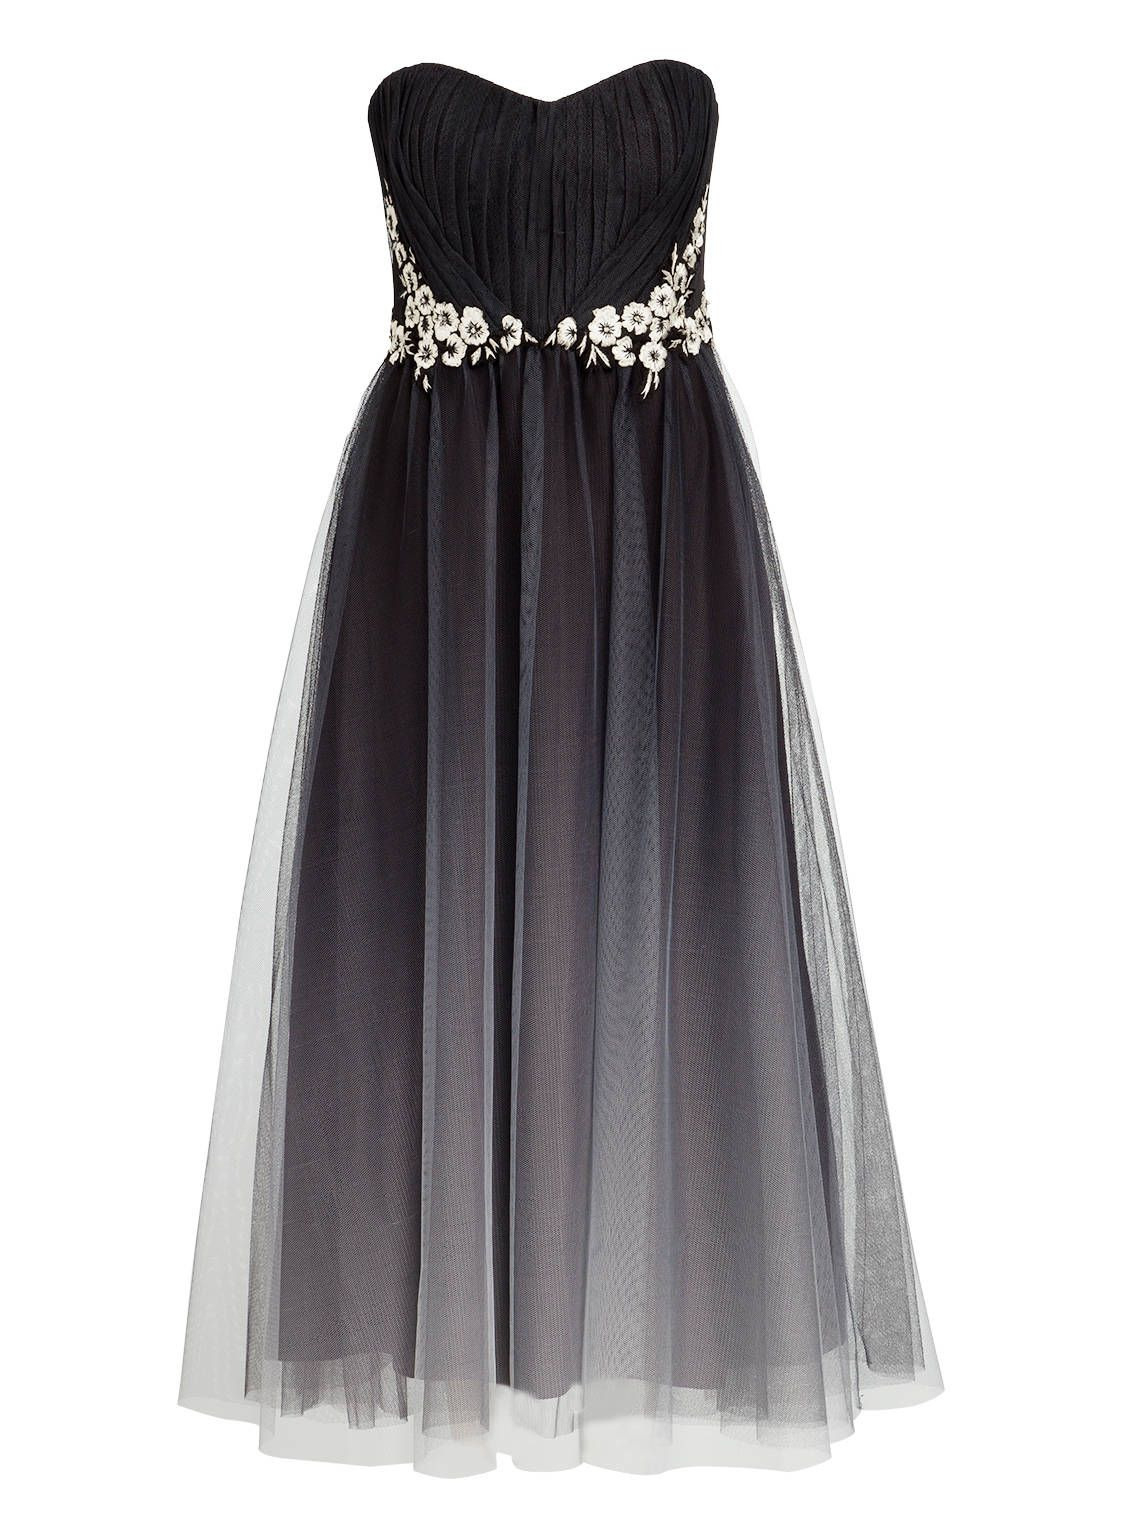 10 Einfach Breuninger Abendkleid GalerieAbend Erstaunlich Breuninger Abendkleid Stylish